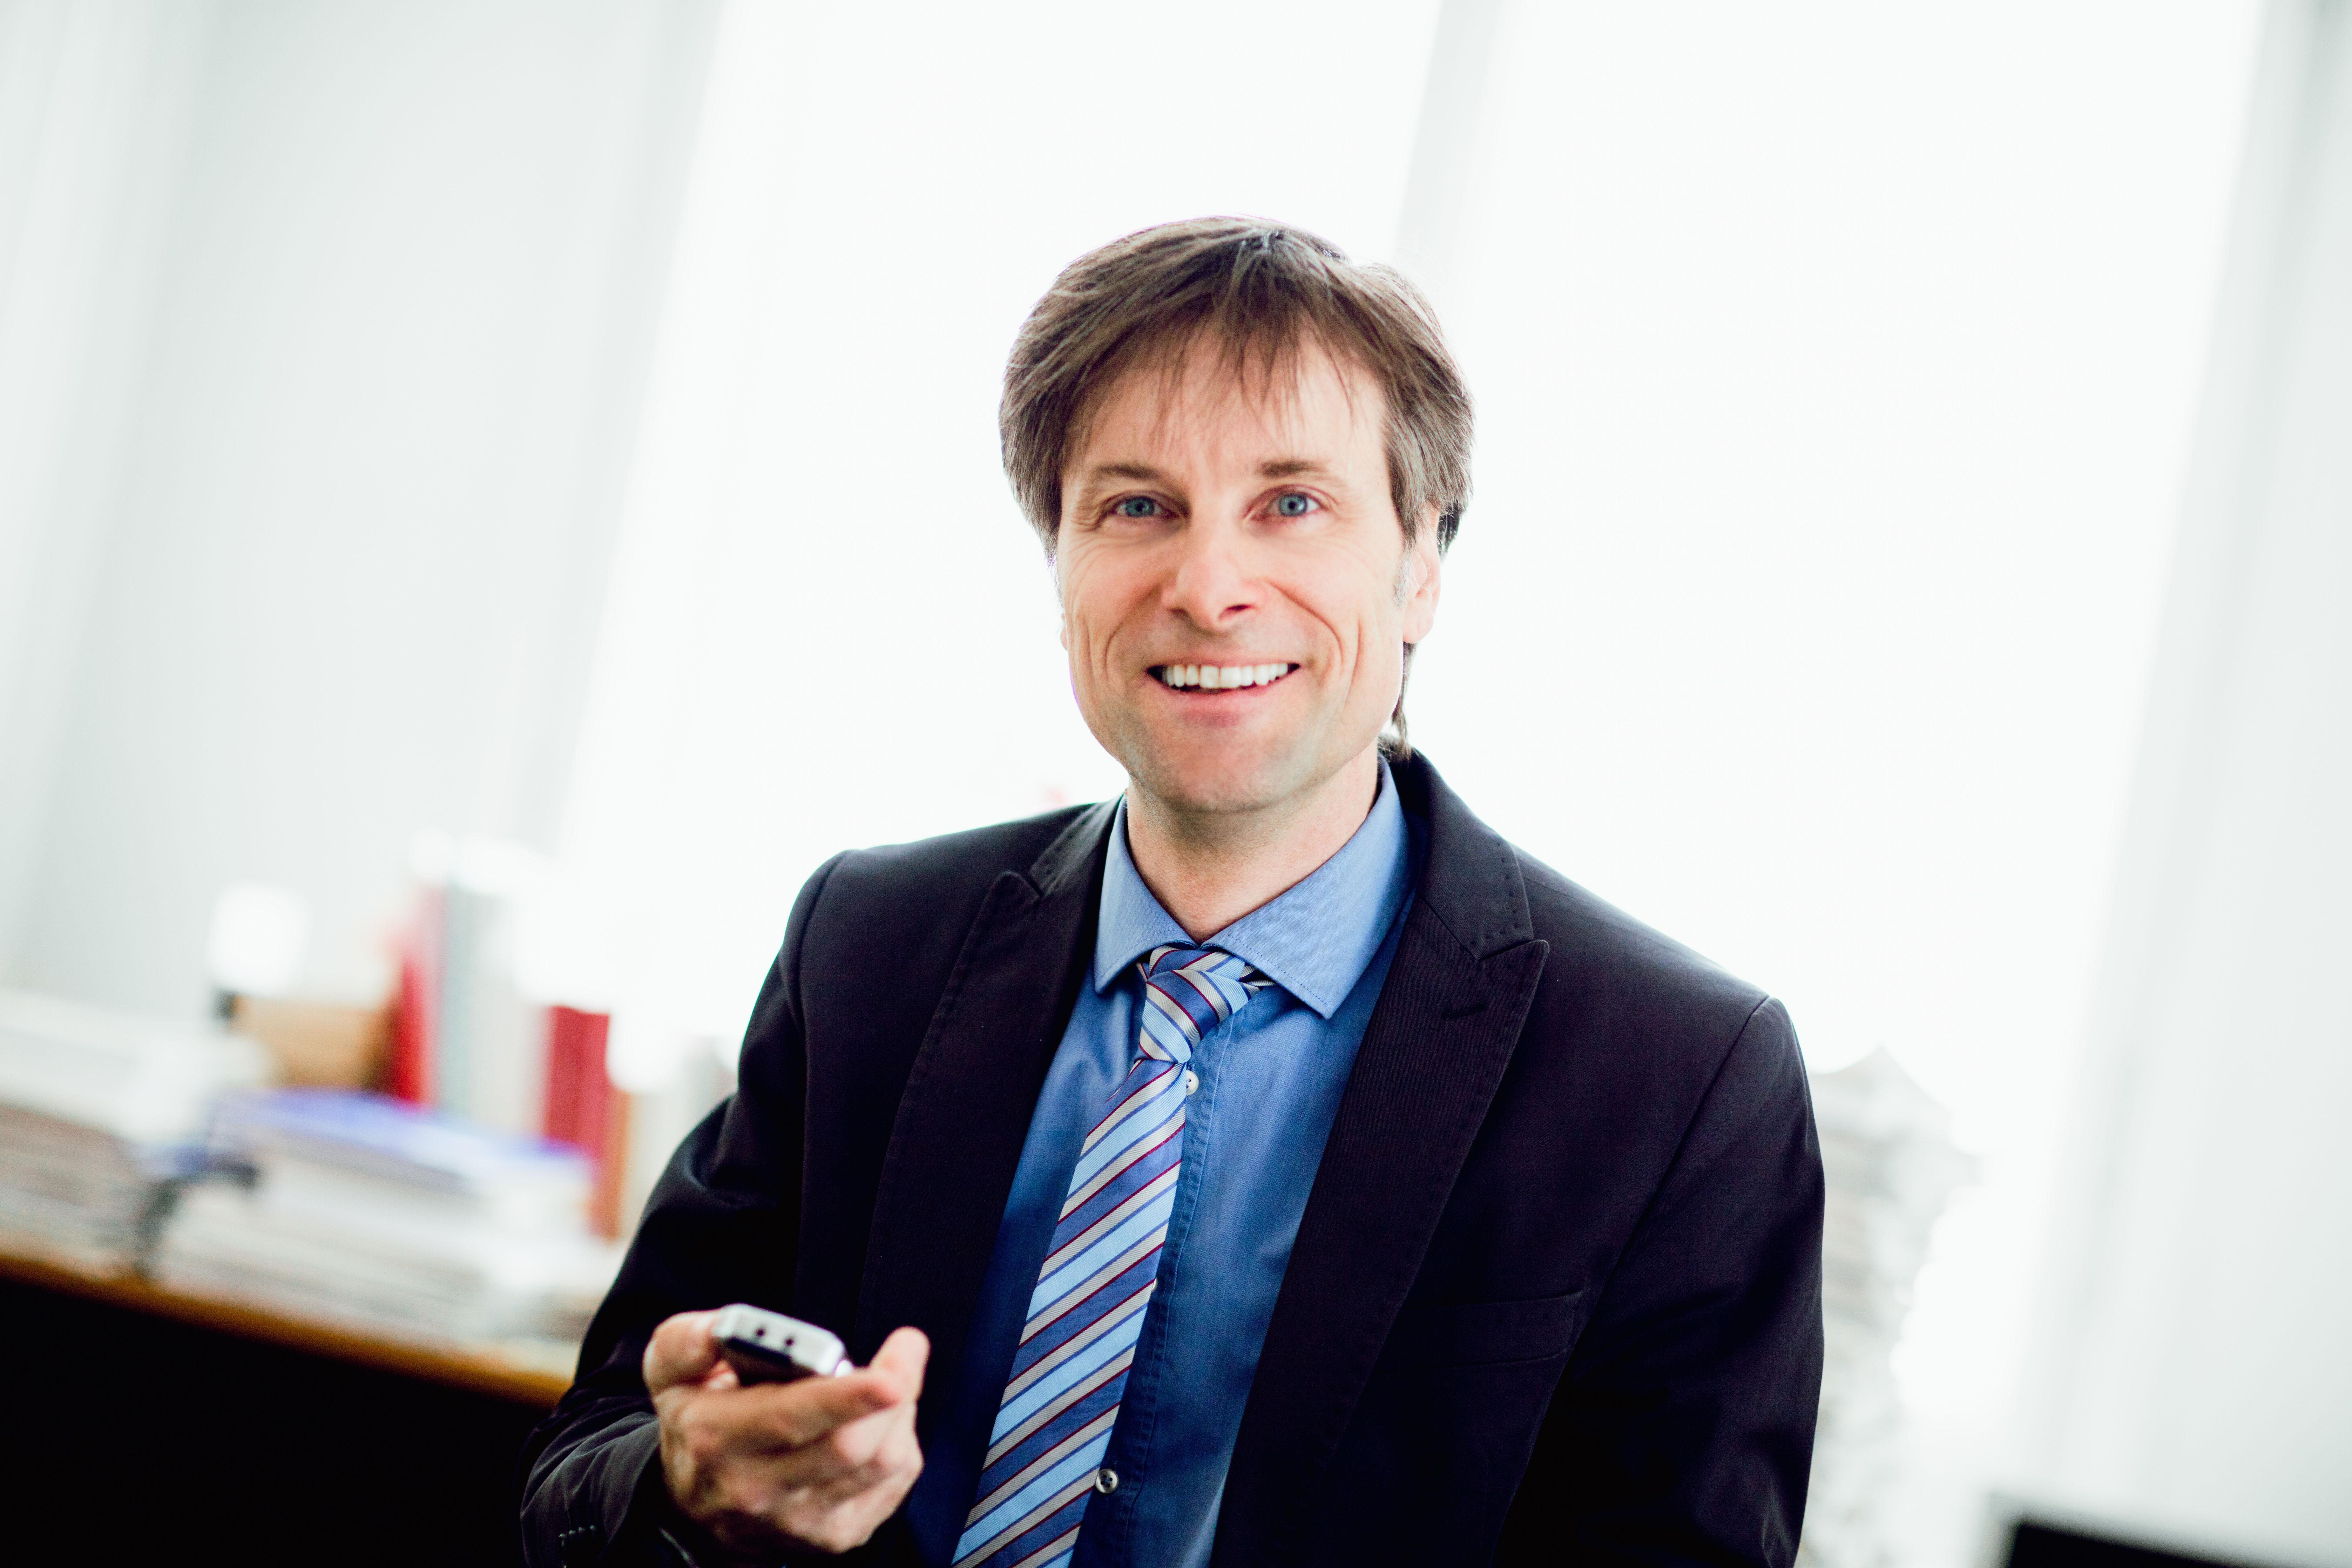 Rechtsanwalt Mag. Peterpaul Suntinger aus Klagenfurt steht seinen Klienten im Arbeitsrecht zur Seite